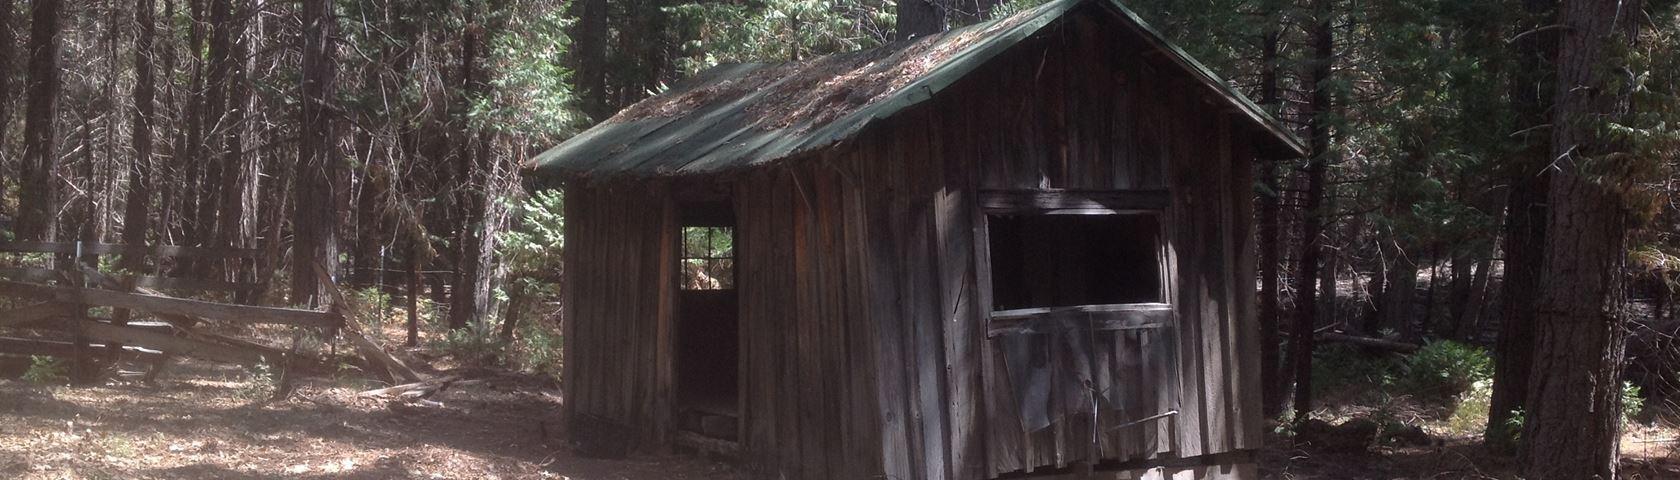 Sierras Logging Camp